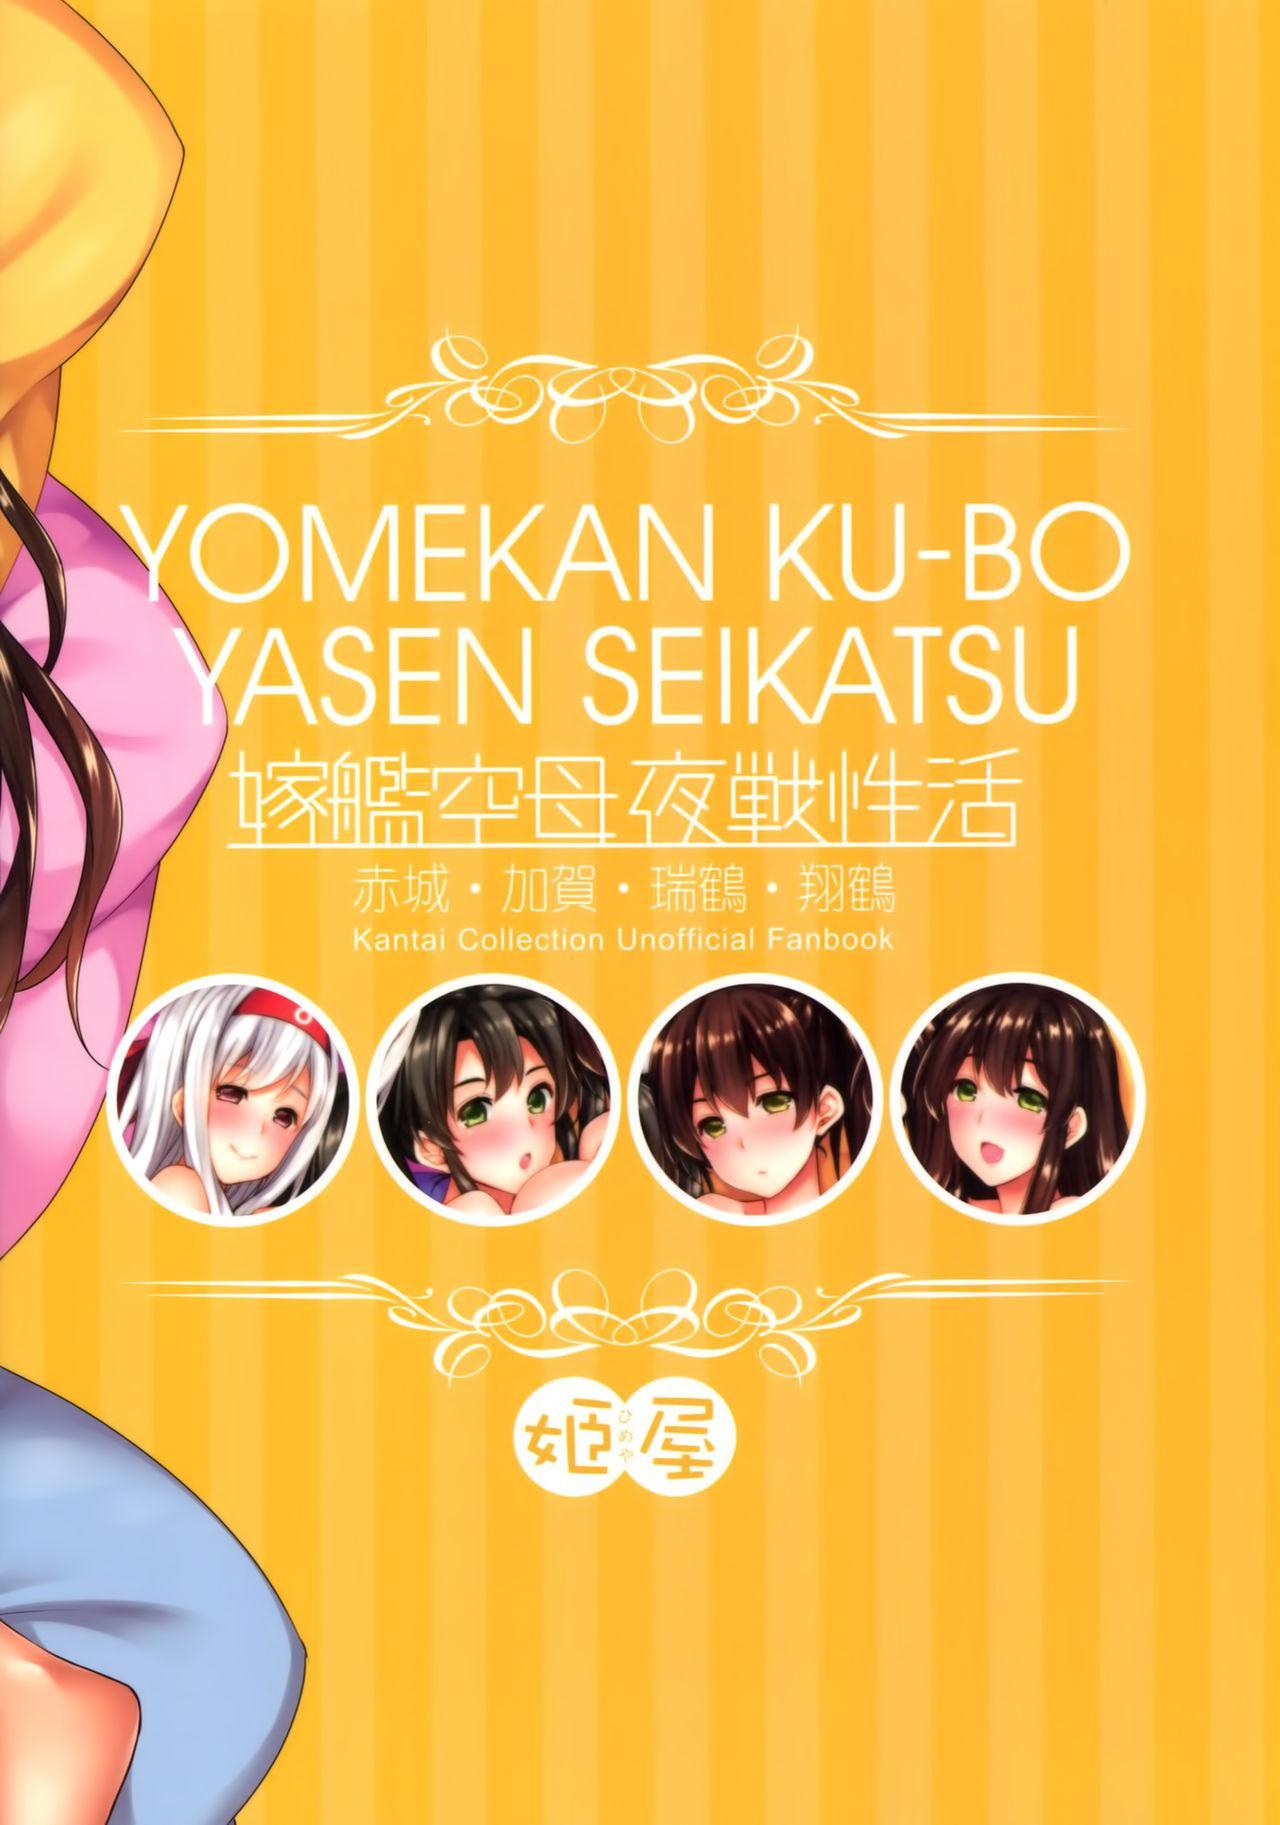 Yomekan Ku-bo Yasen Seikatsu 25